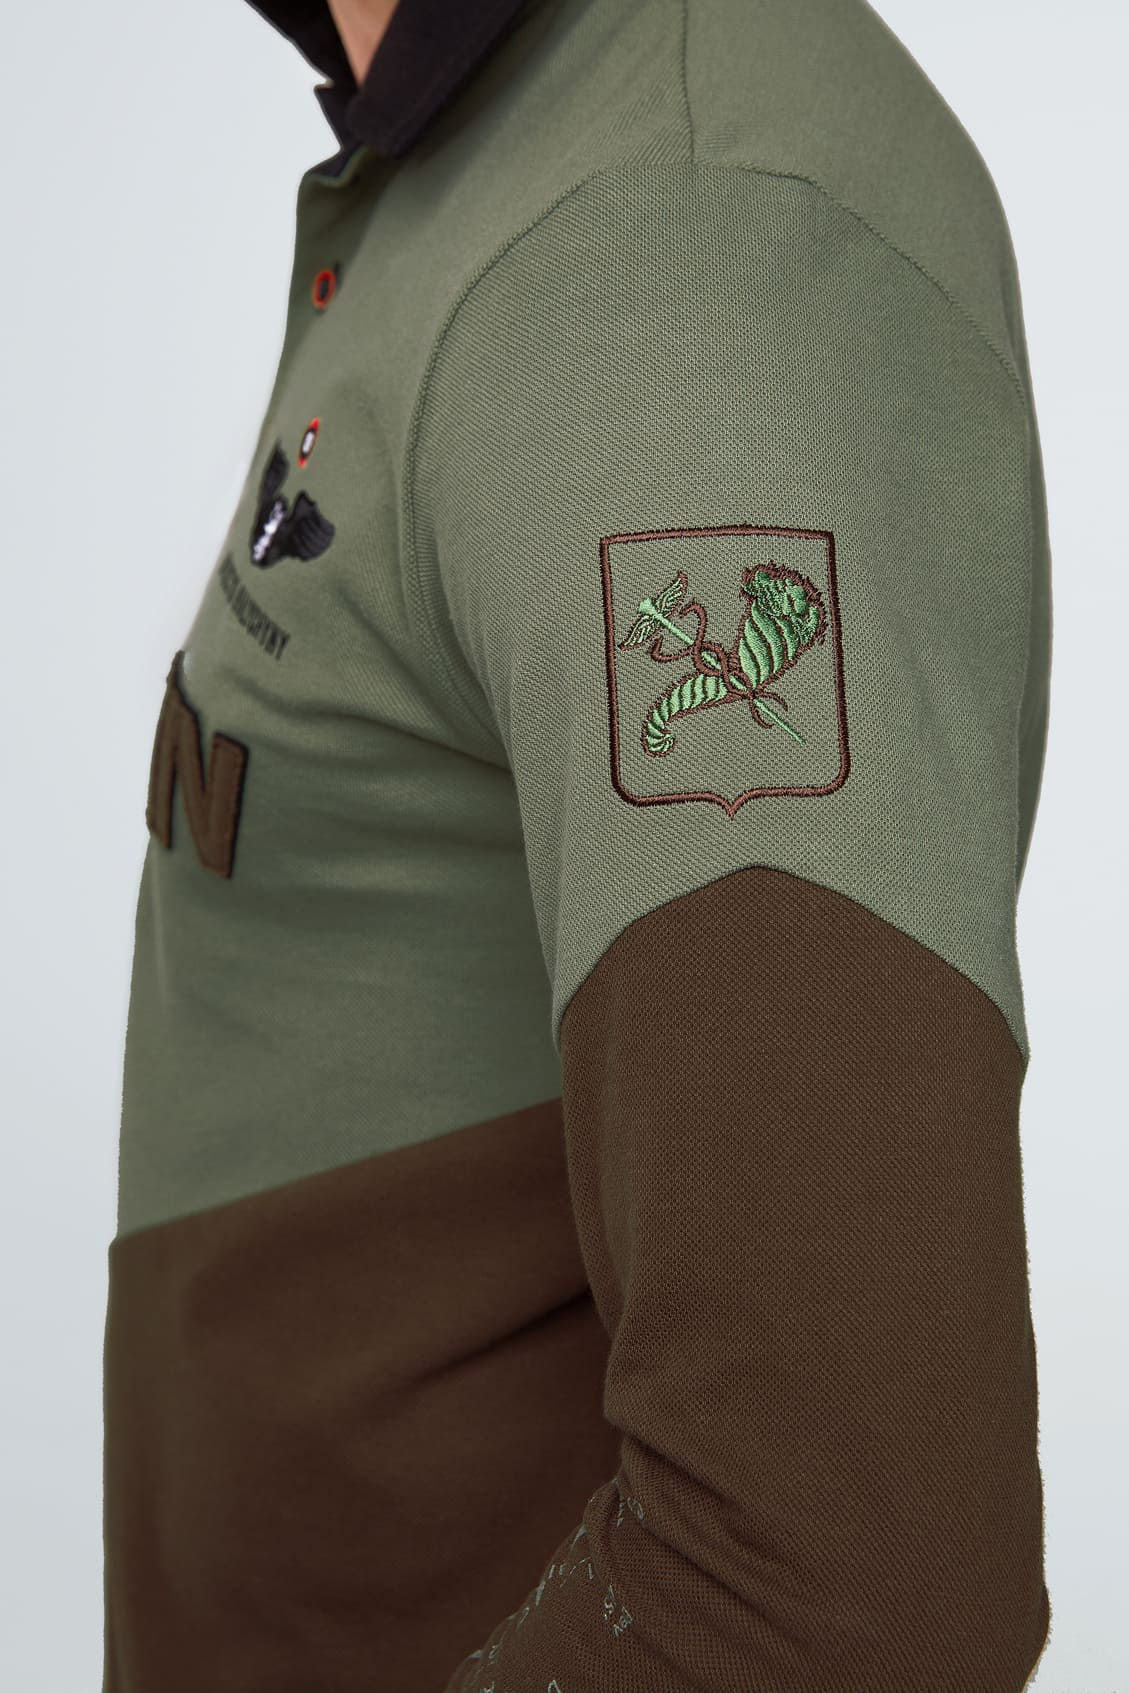 Жіноче Поло-Лонґ Kharkiv. Колір зелений.  Технологія нанесення зображень: вишивка, шовкодрук.